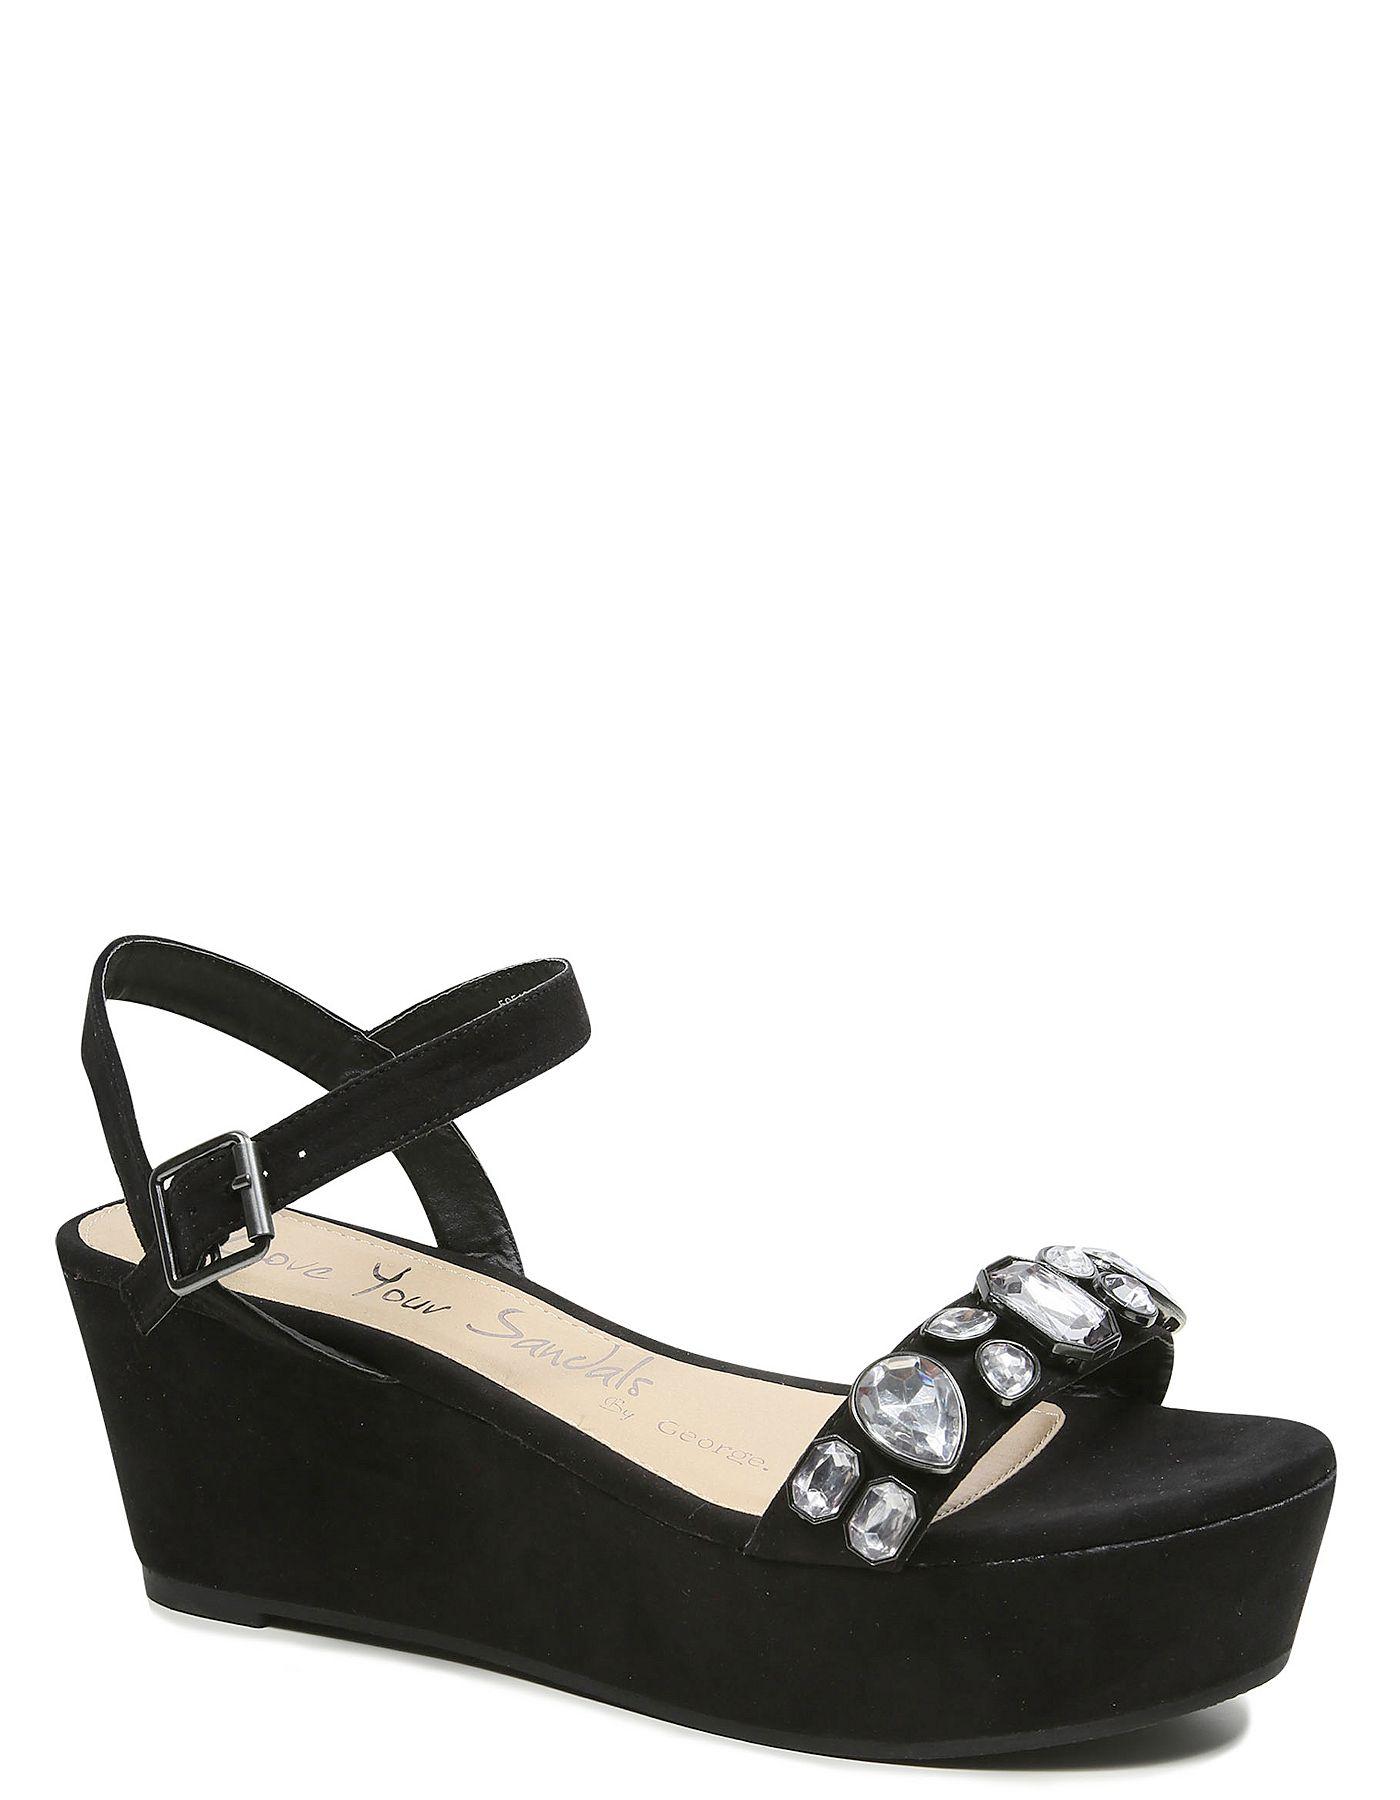 Gem Adorned Platform Sandals | Women | George at ASDA